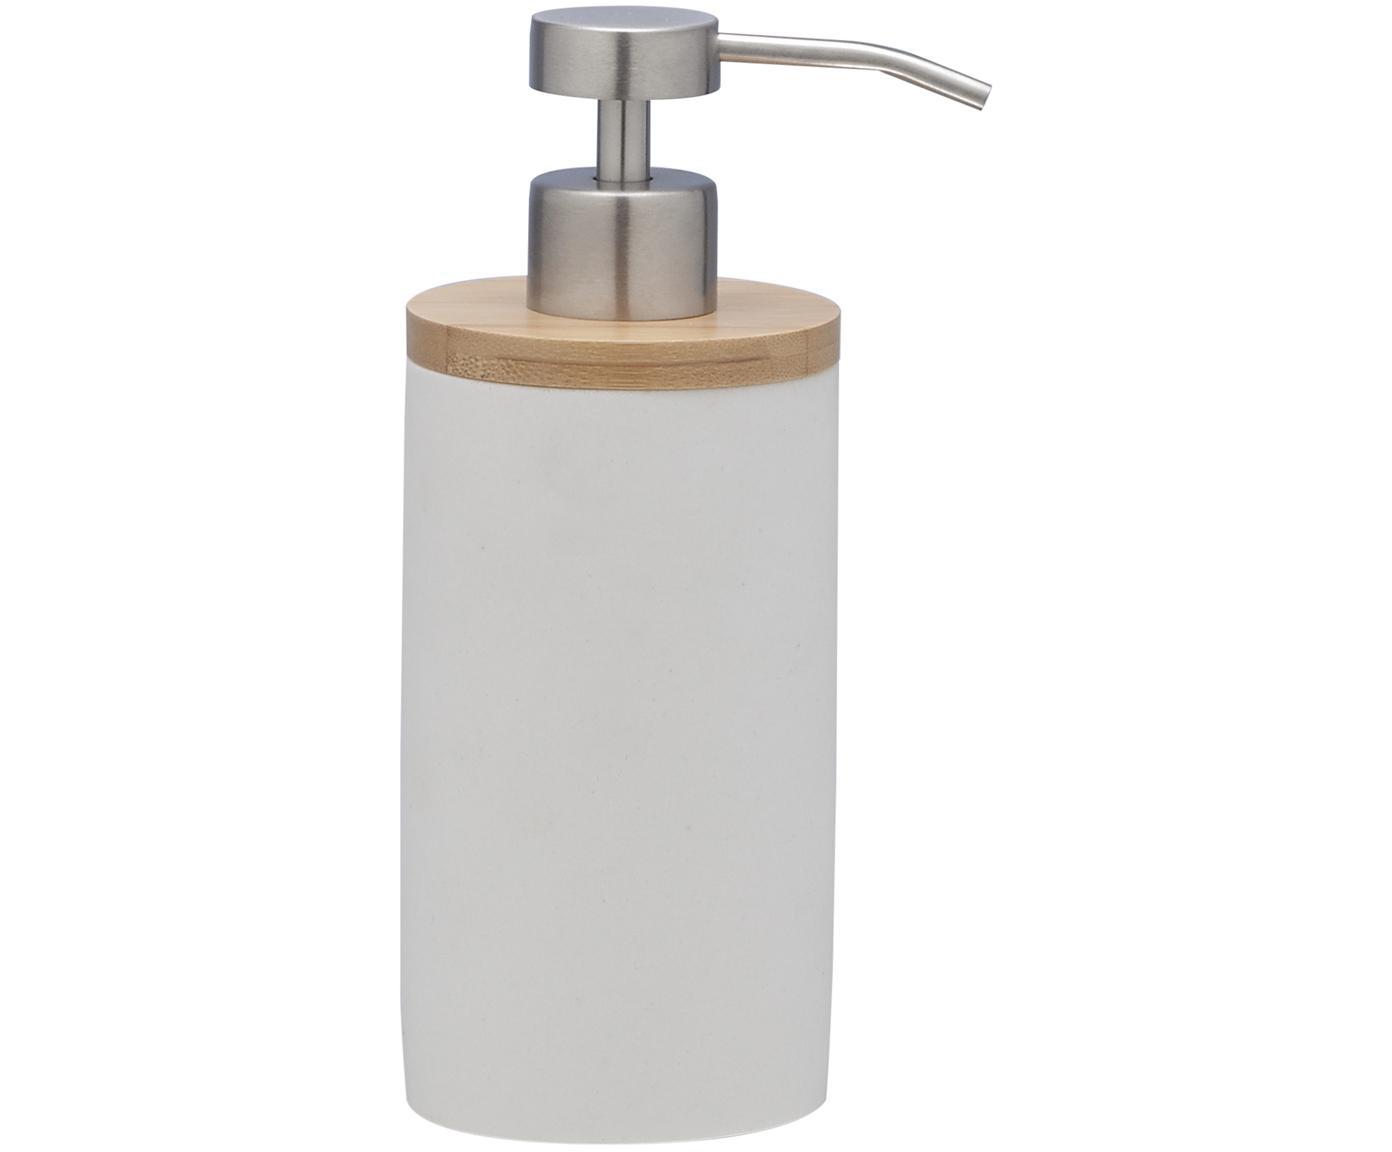 Dozownik do mydła z drewna bambusowego Grace, Biały, Ø 7 x W 18 cm